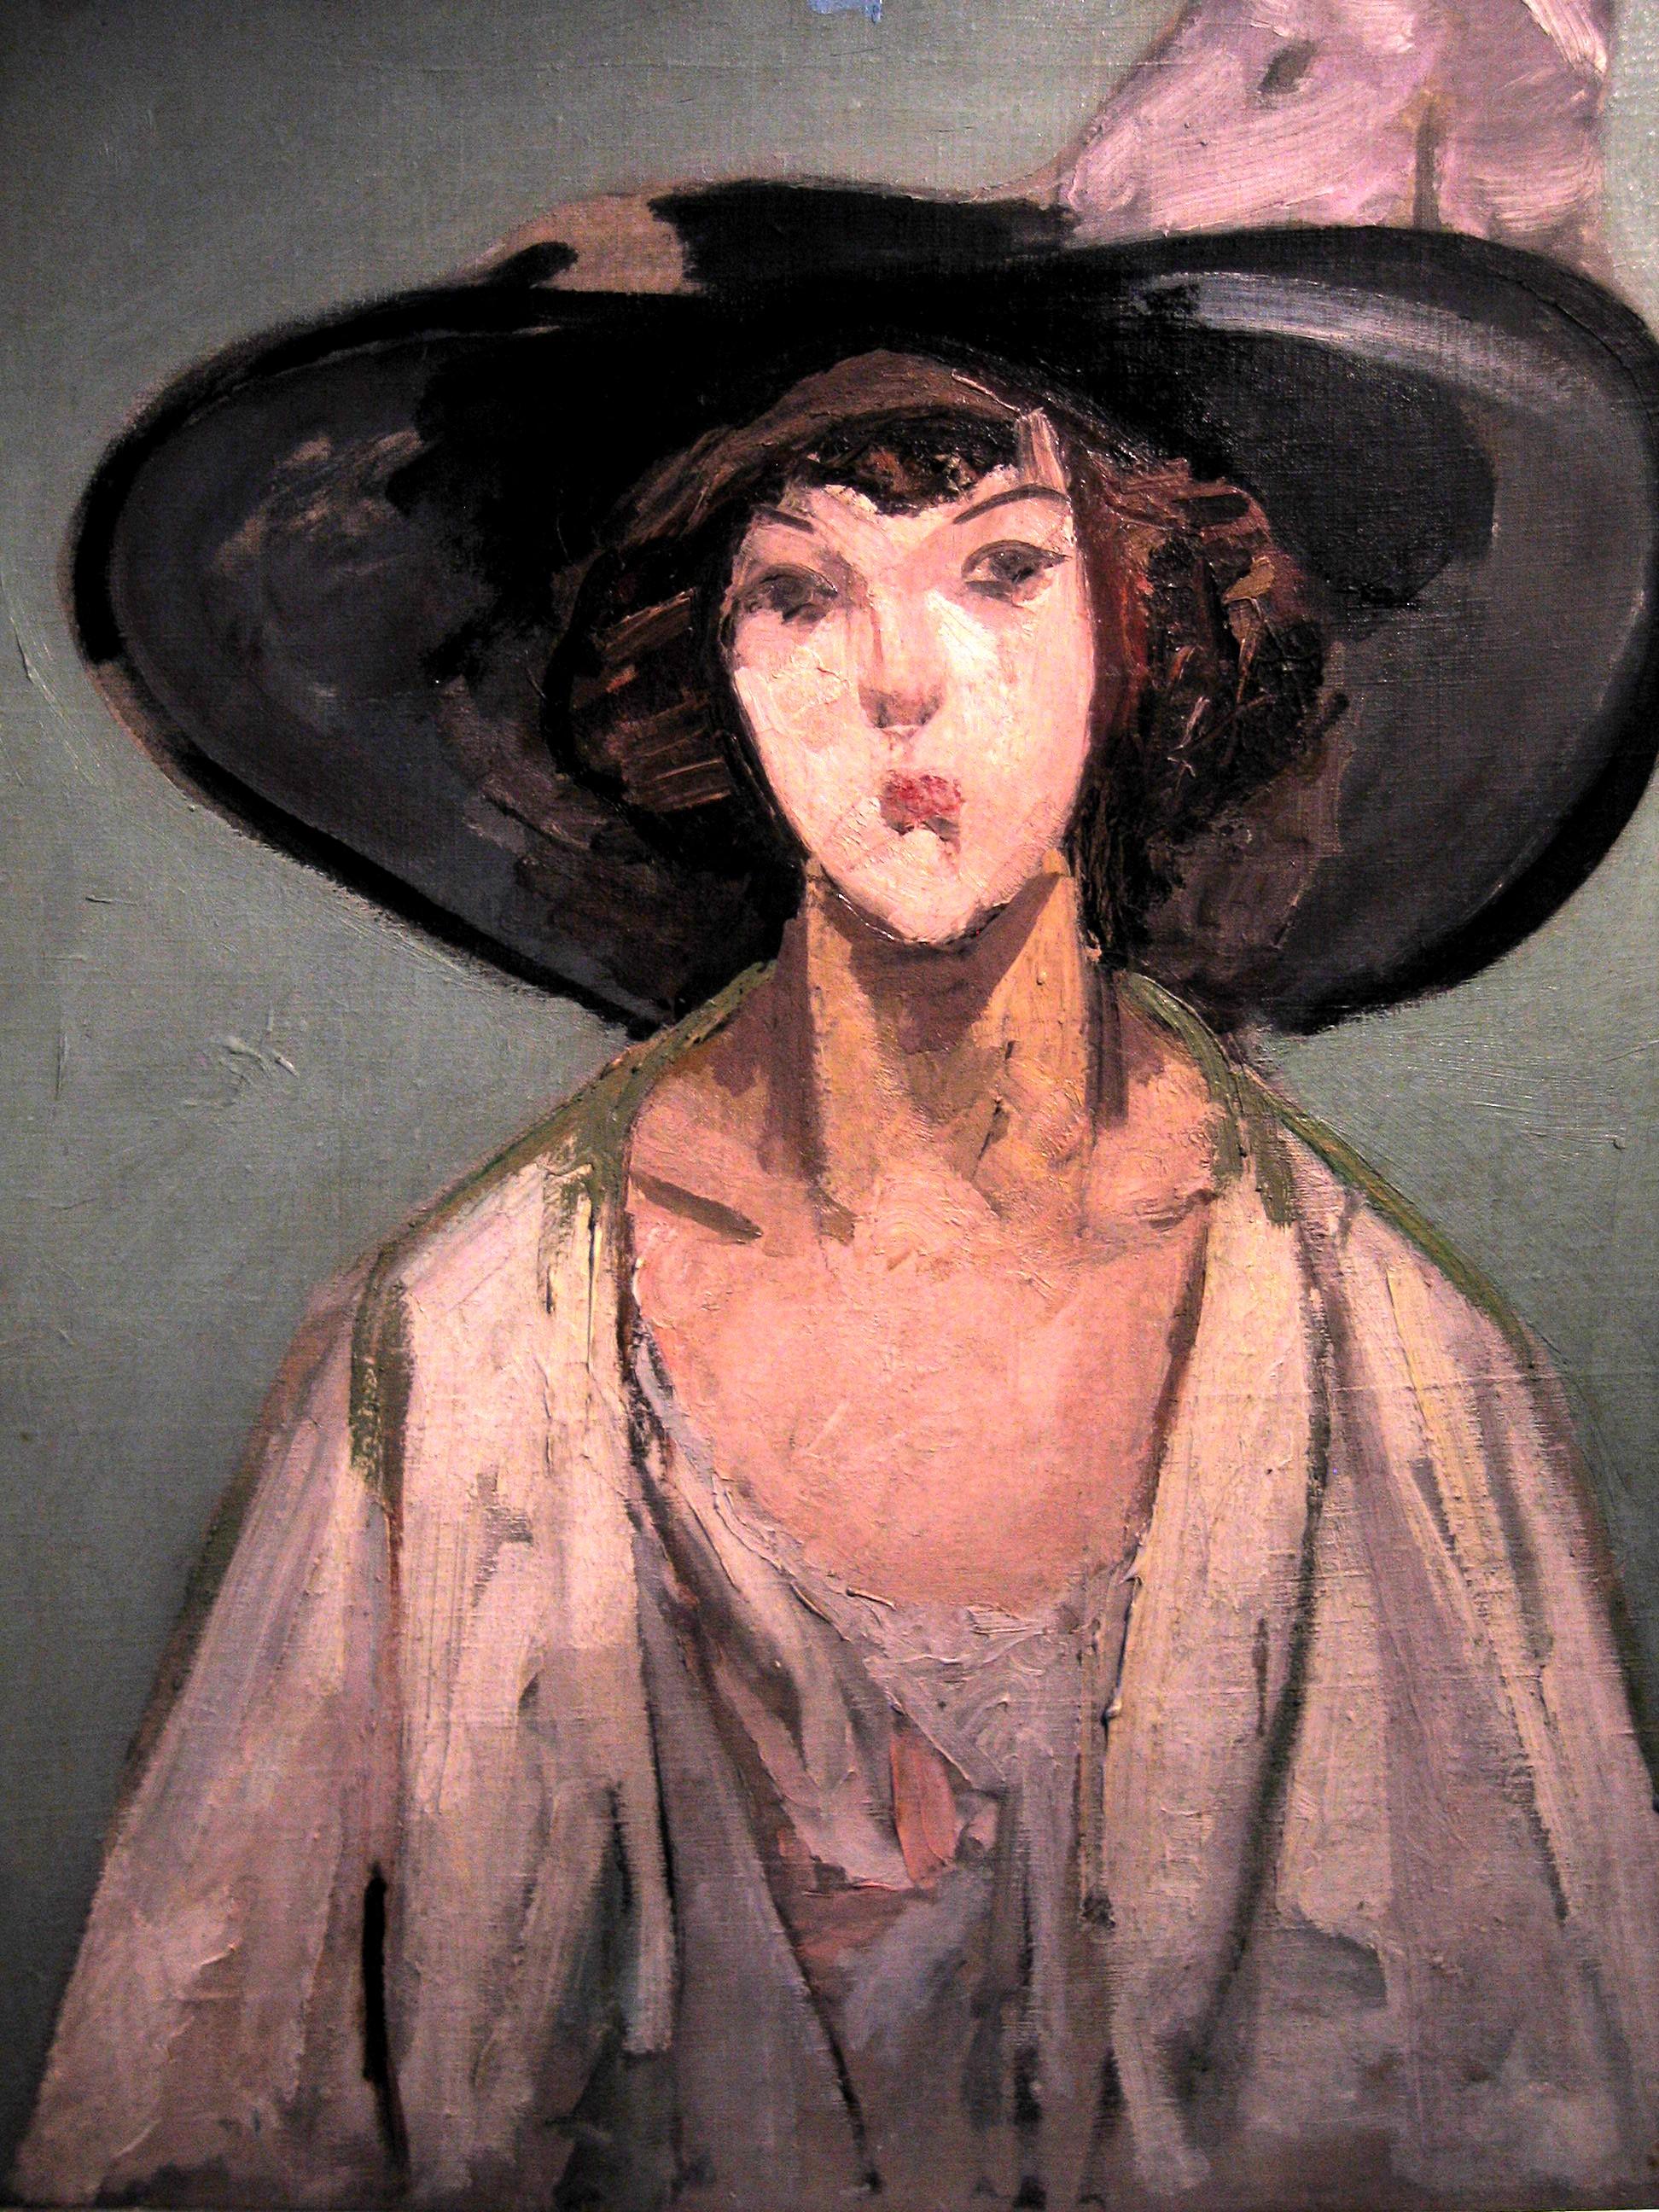 Femme_au_chapeau_by_Jacqueline_Marval.JPG